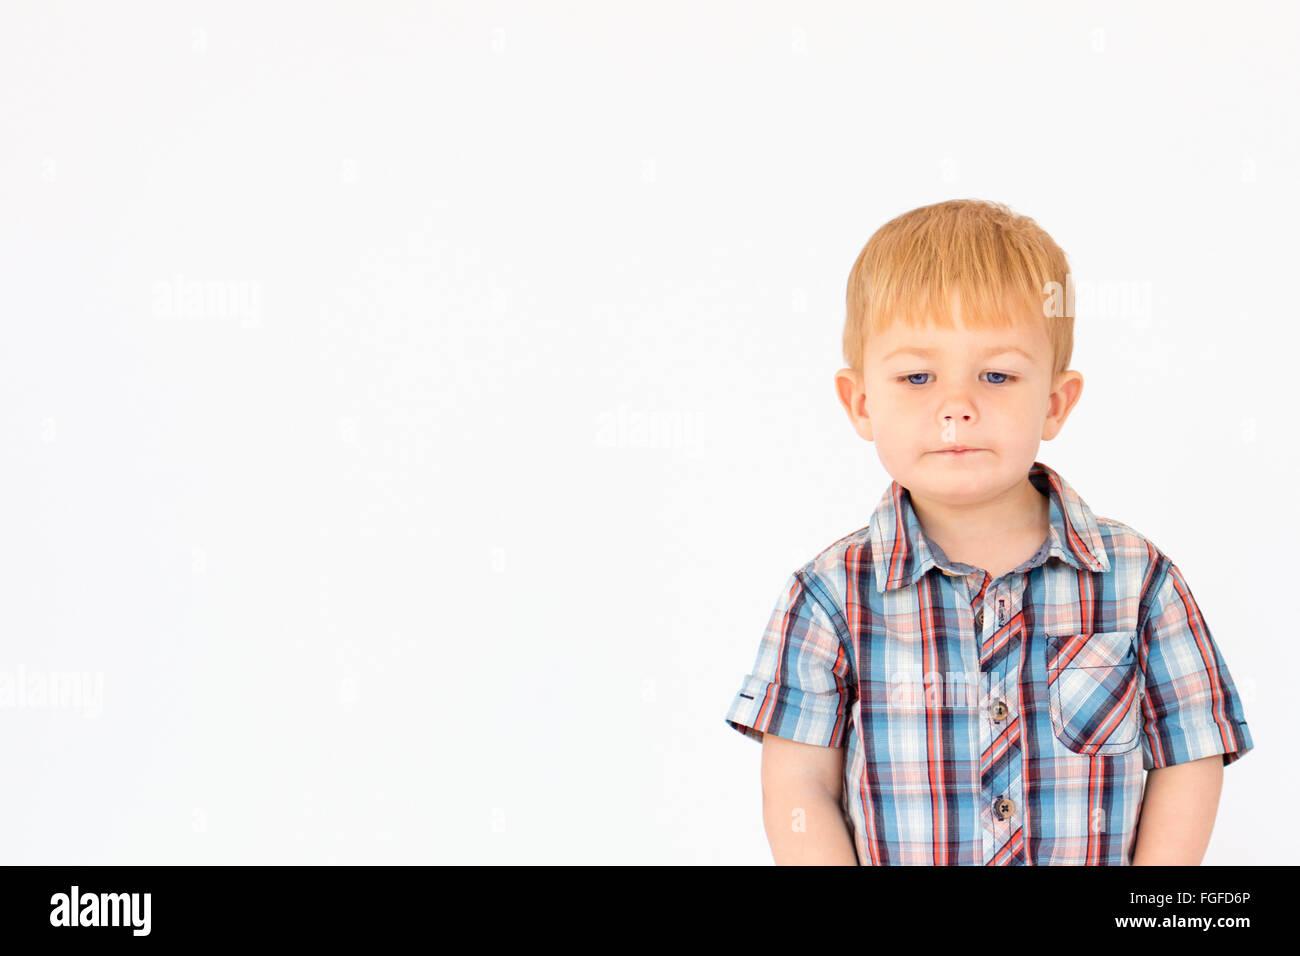 Portrait d'un jeune garçon debout sur un fond blanc. Photo Stock